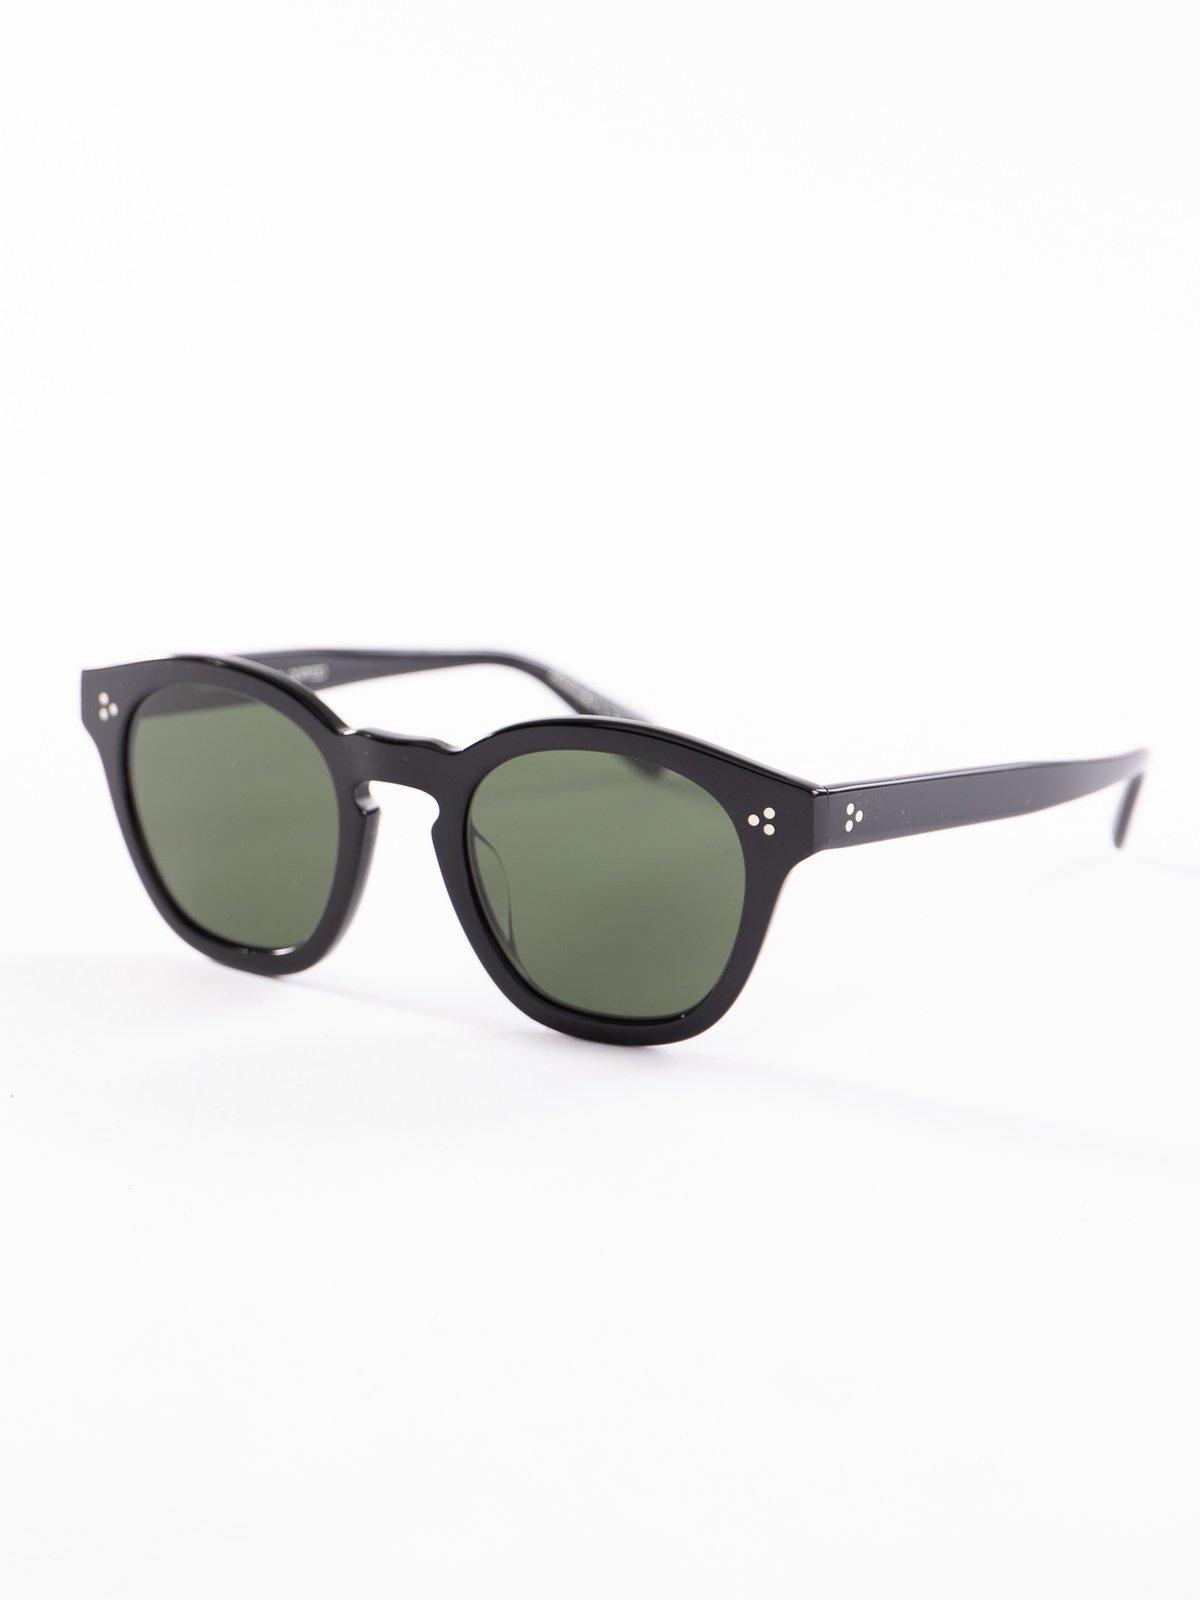 Black/Dark Green Boudreau LA Sunglasses - Image 2